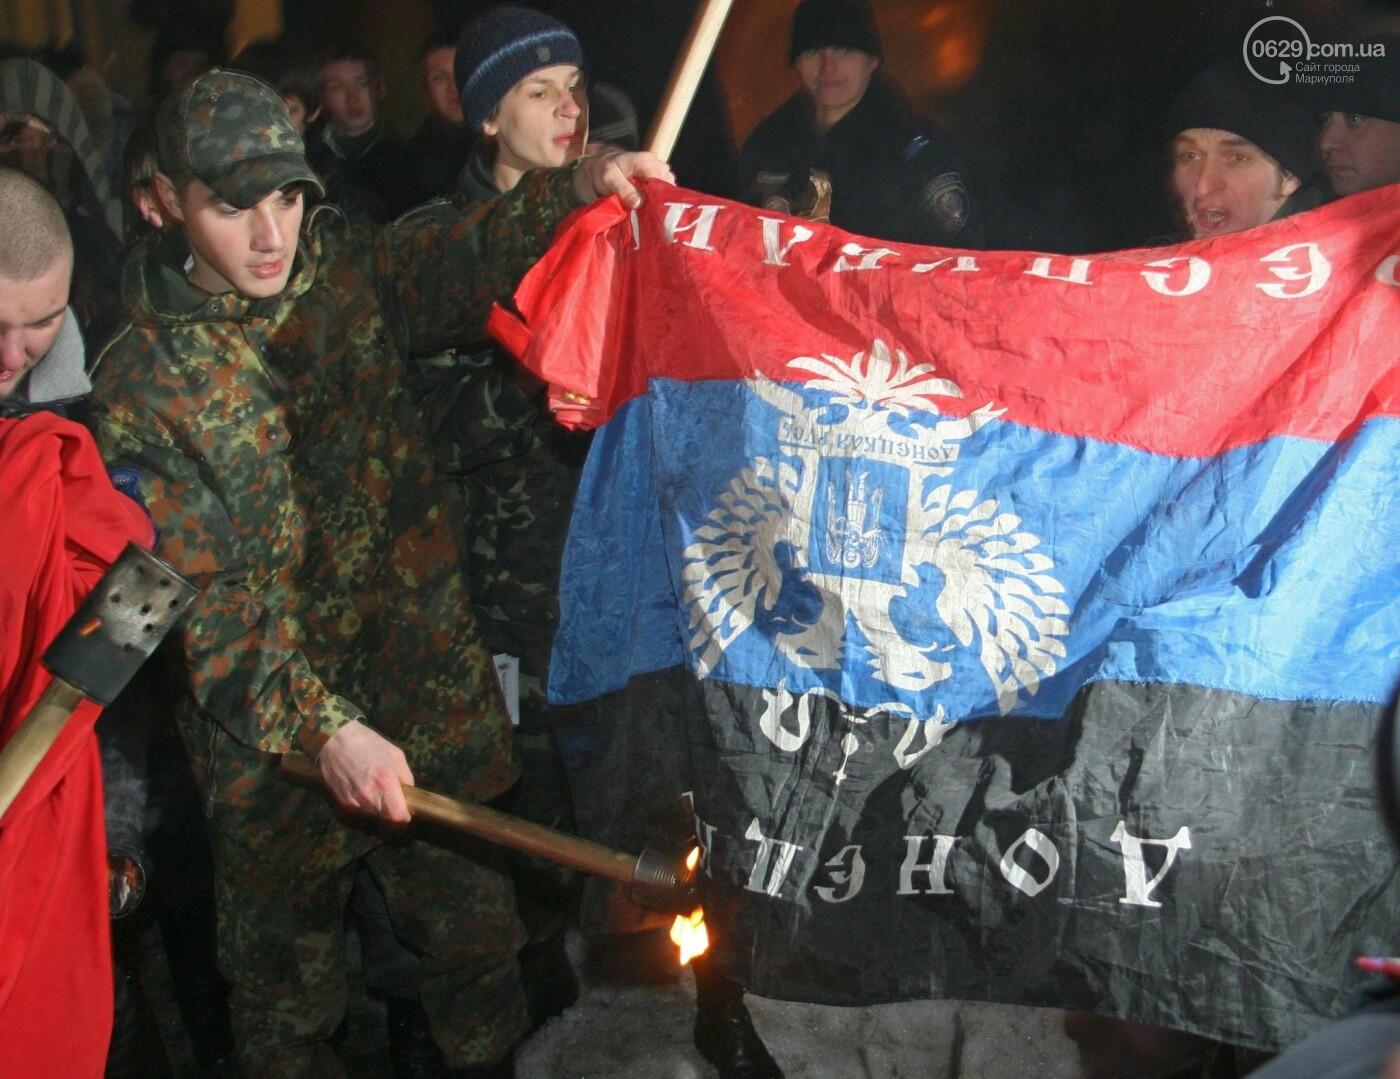 """Драки и сожжённые флаги. Как боролись с """"Донецкой республикой"""" 12 лет назад,  - ФОТО, фото-2"""